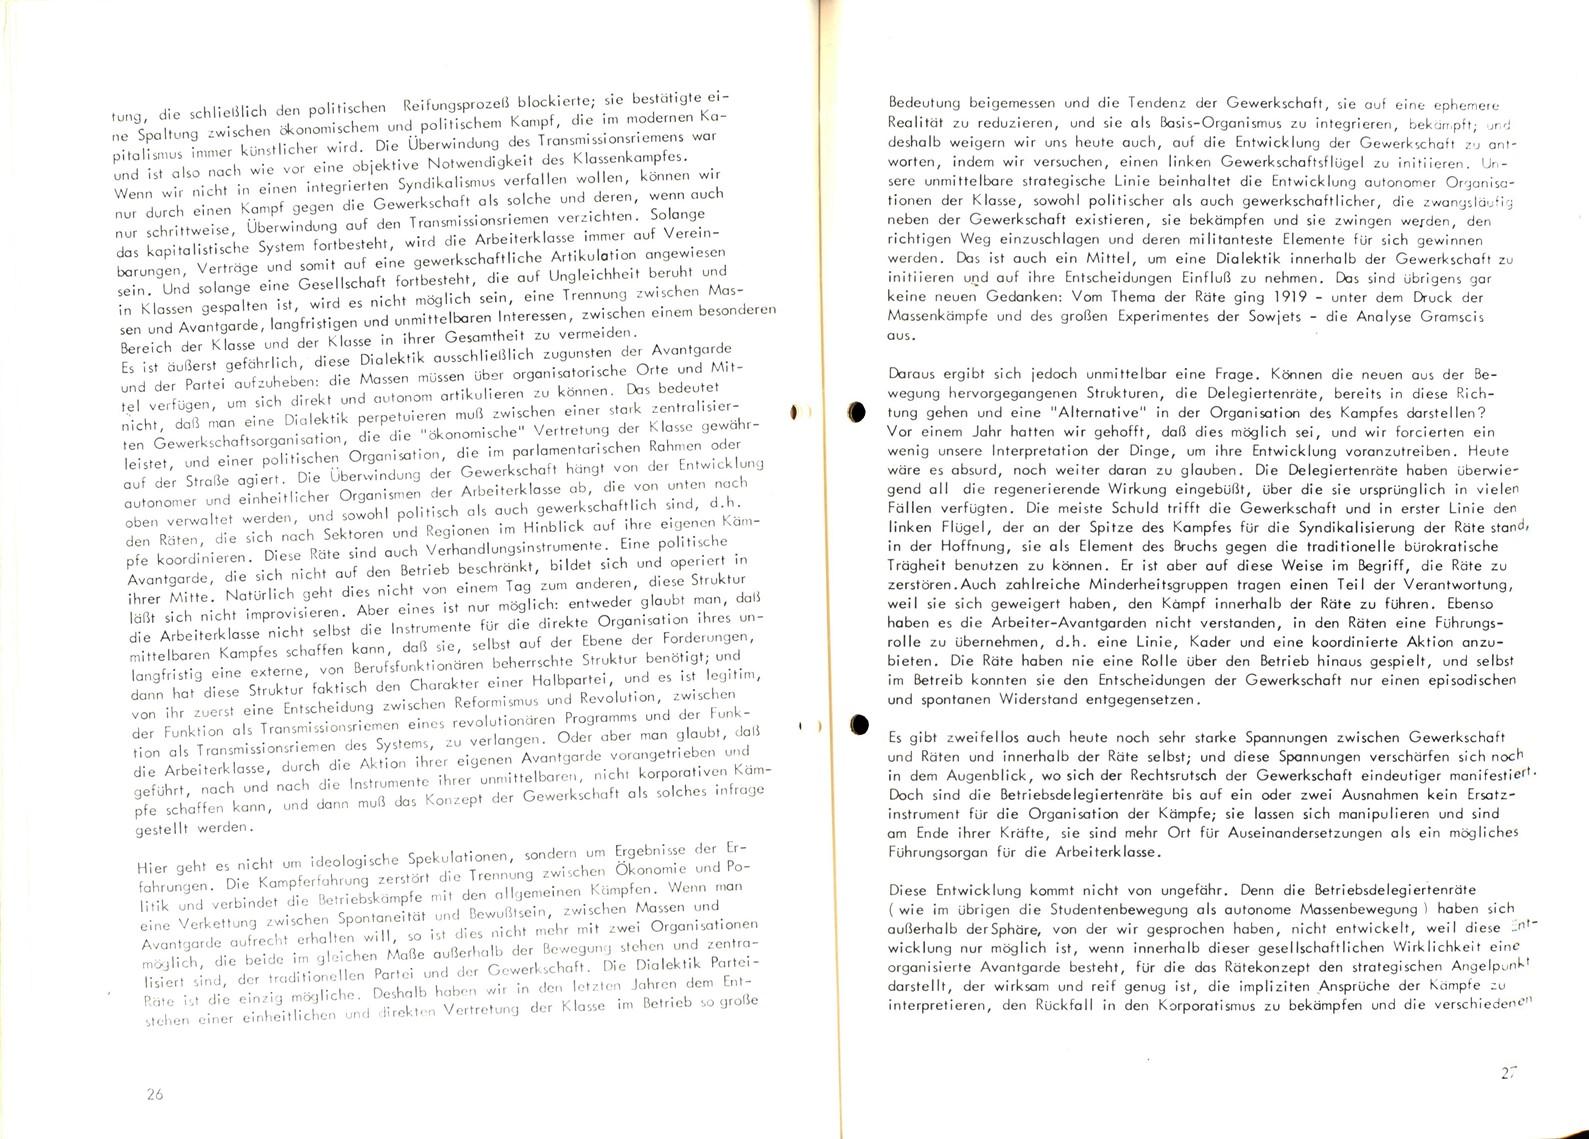 Manifesto_1971_Einheit_der_Klassenlinken_14